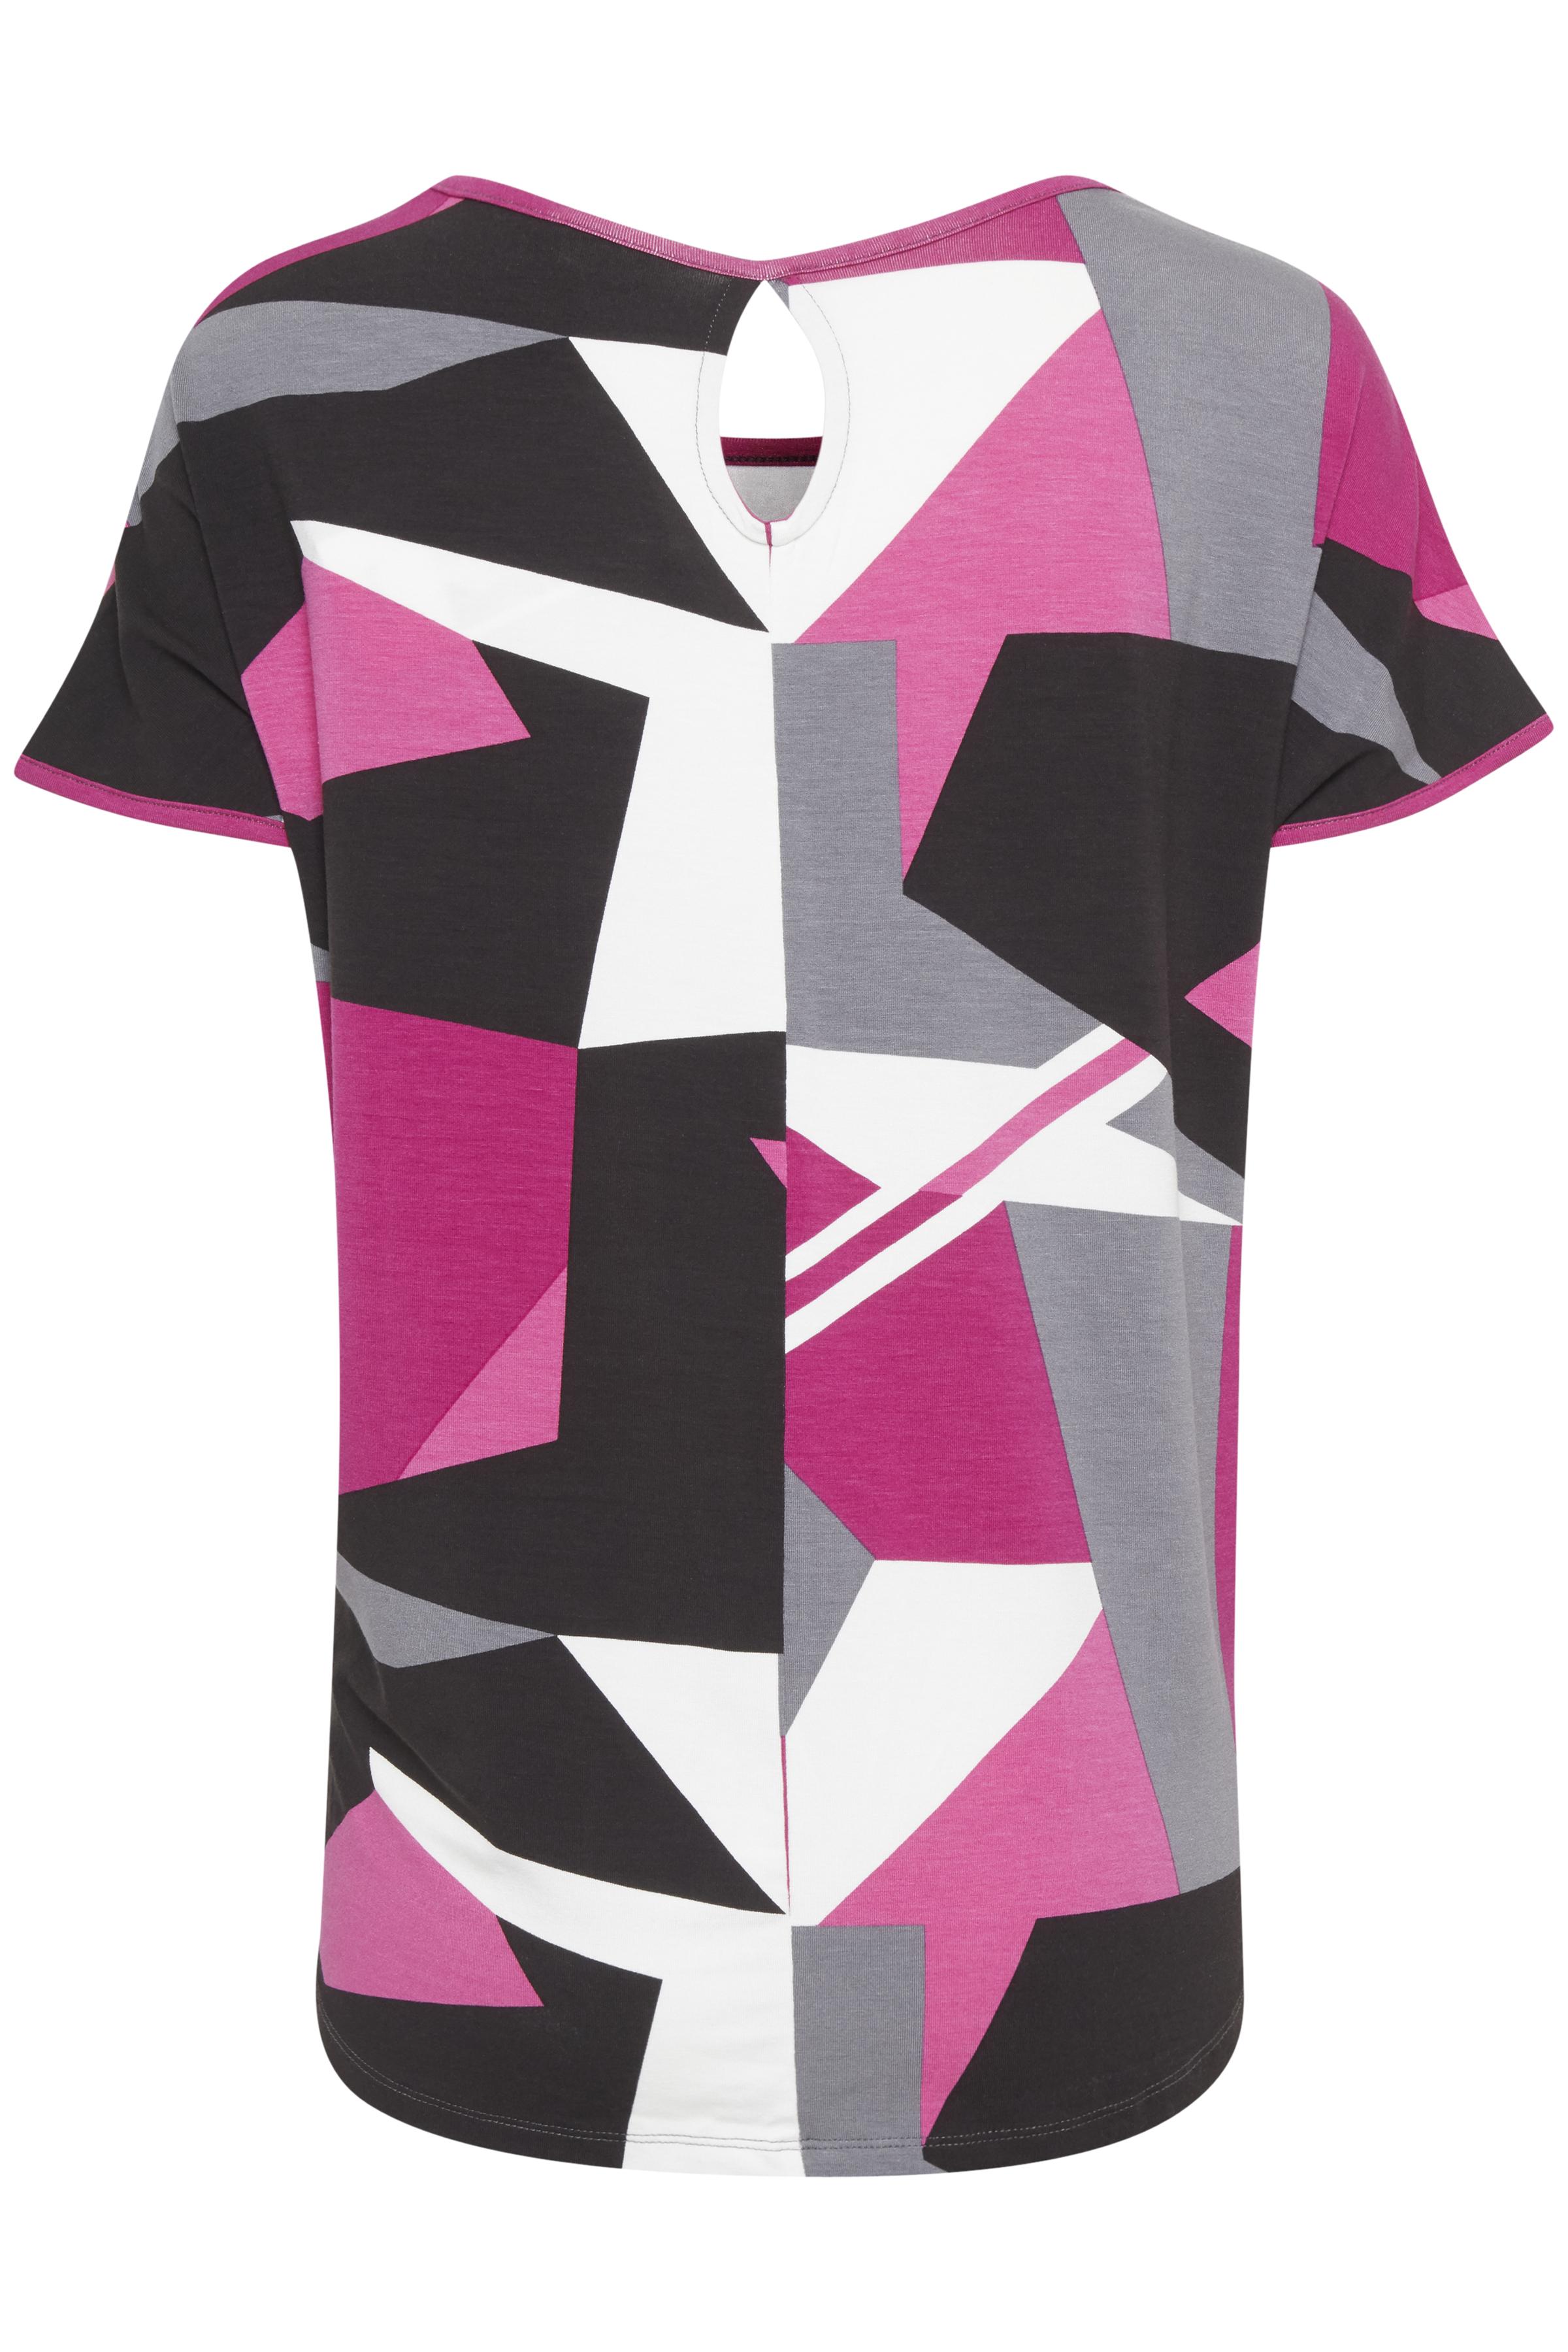 Fuchisia/grå Kortärmad T-shirt från Fransa – Köp Fuchisia/grå Kortärmad T-shirt från stl. XS-XXL här